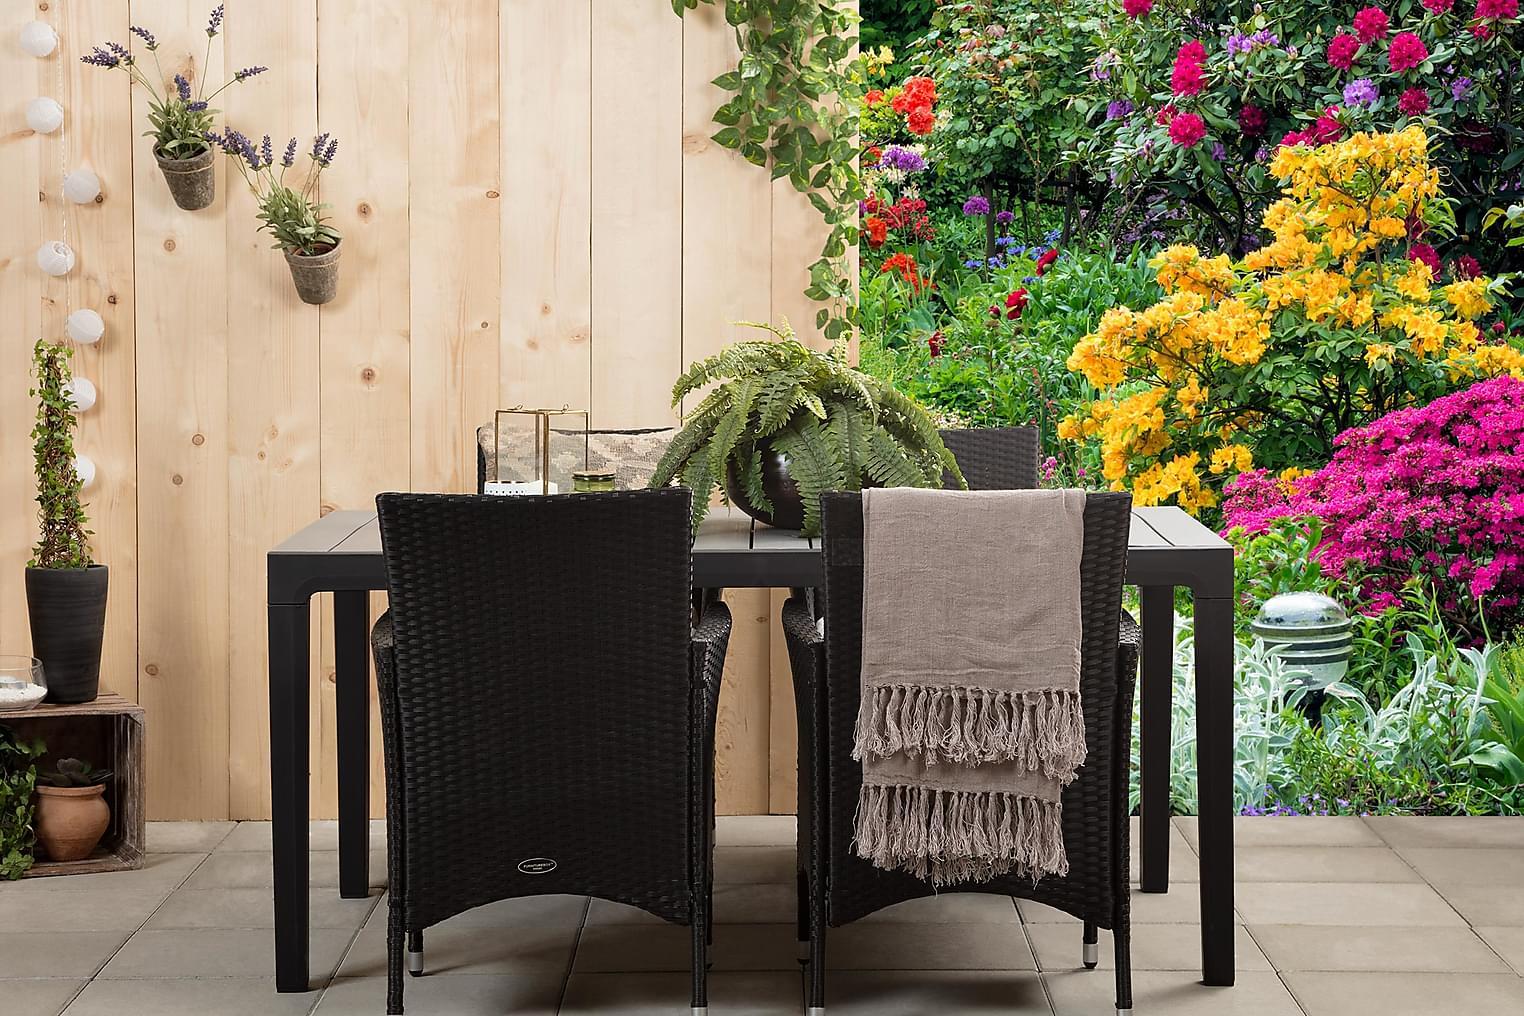 BILBAO 160 Harmaa/Musta + 4 ARUBA Käsinojallista tuolia Must